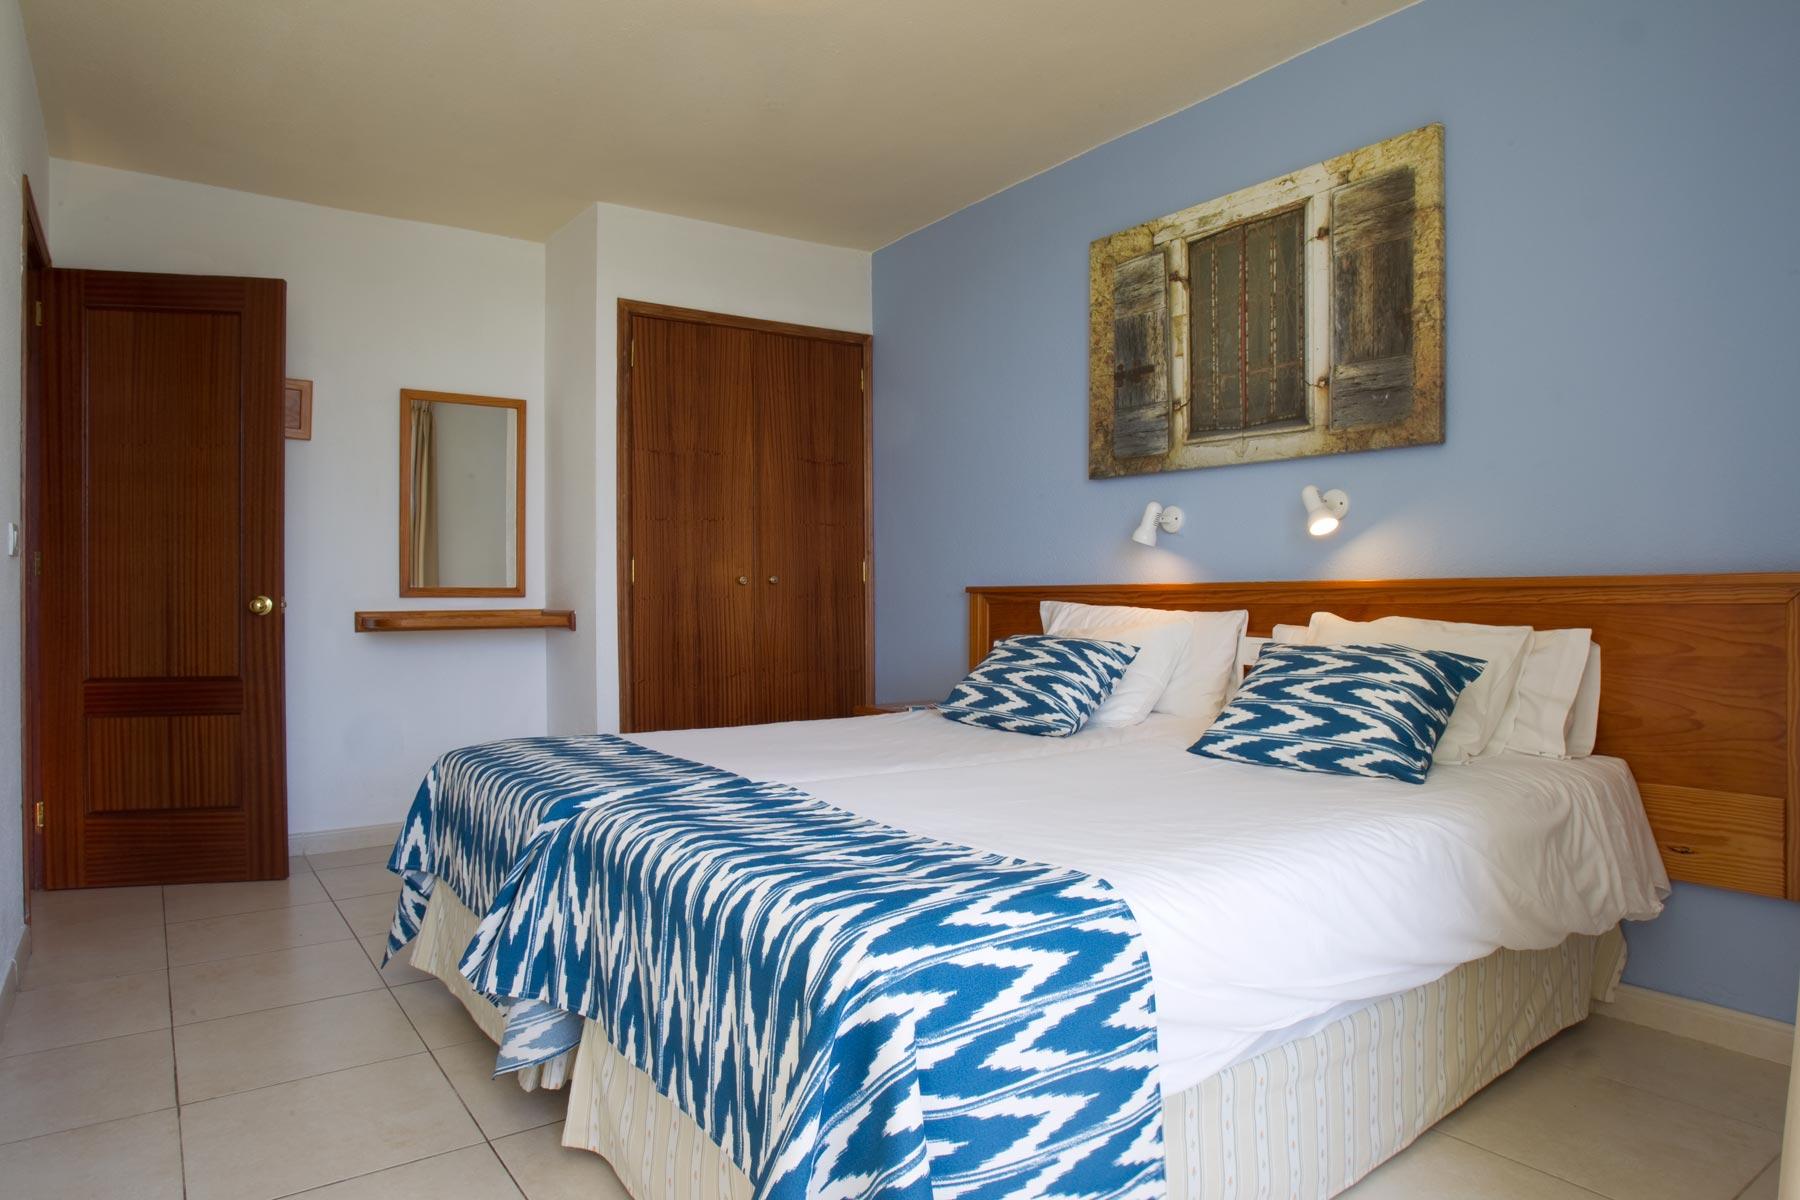 Apartamentos hotel playa del sol web oficial Detalles en habitaciones de hotel